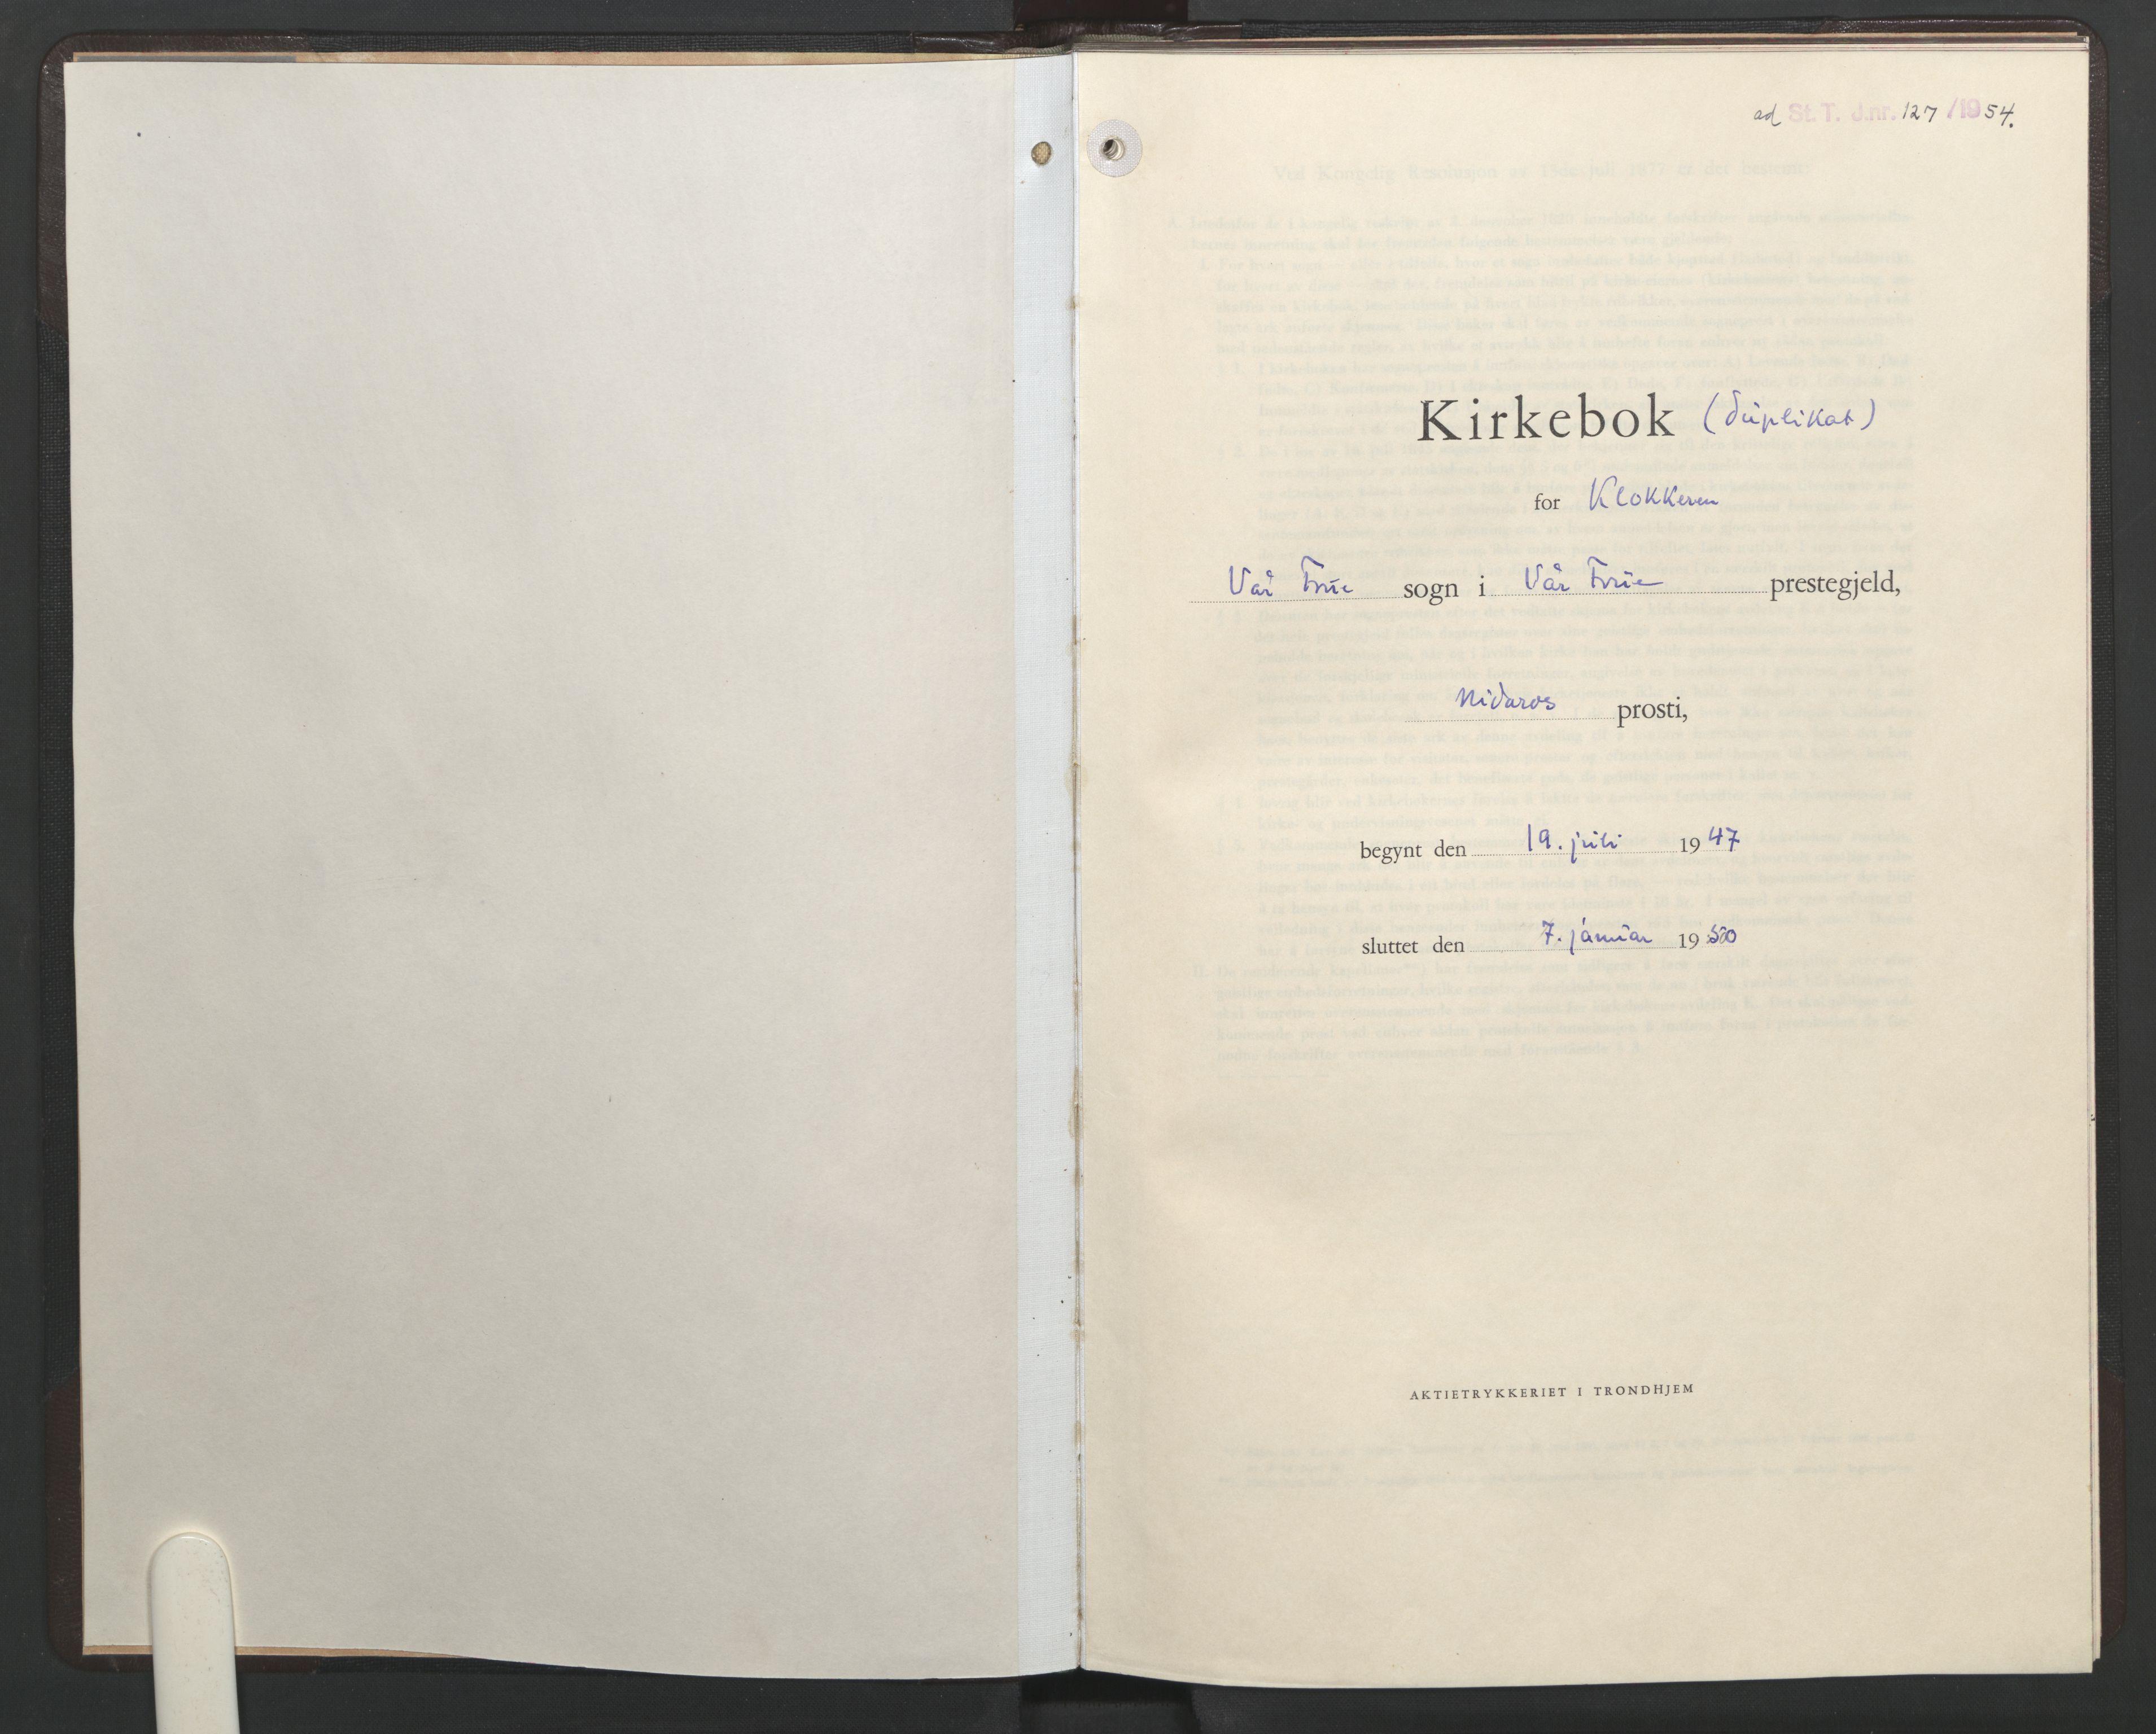 SAT, Ministerialprotokoller, klokkerbøker og fødselsregistre - Sør-Trøndelag, 602/L0155: Klokkerbok nr. 602C23, 1947-1950